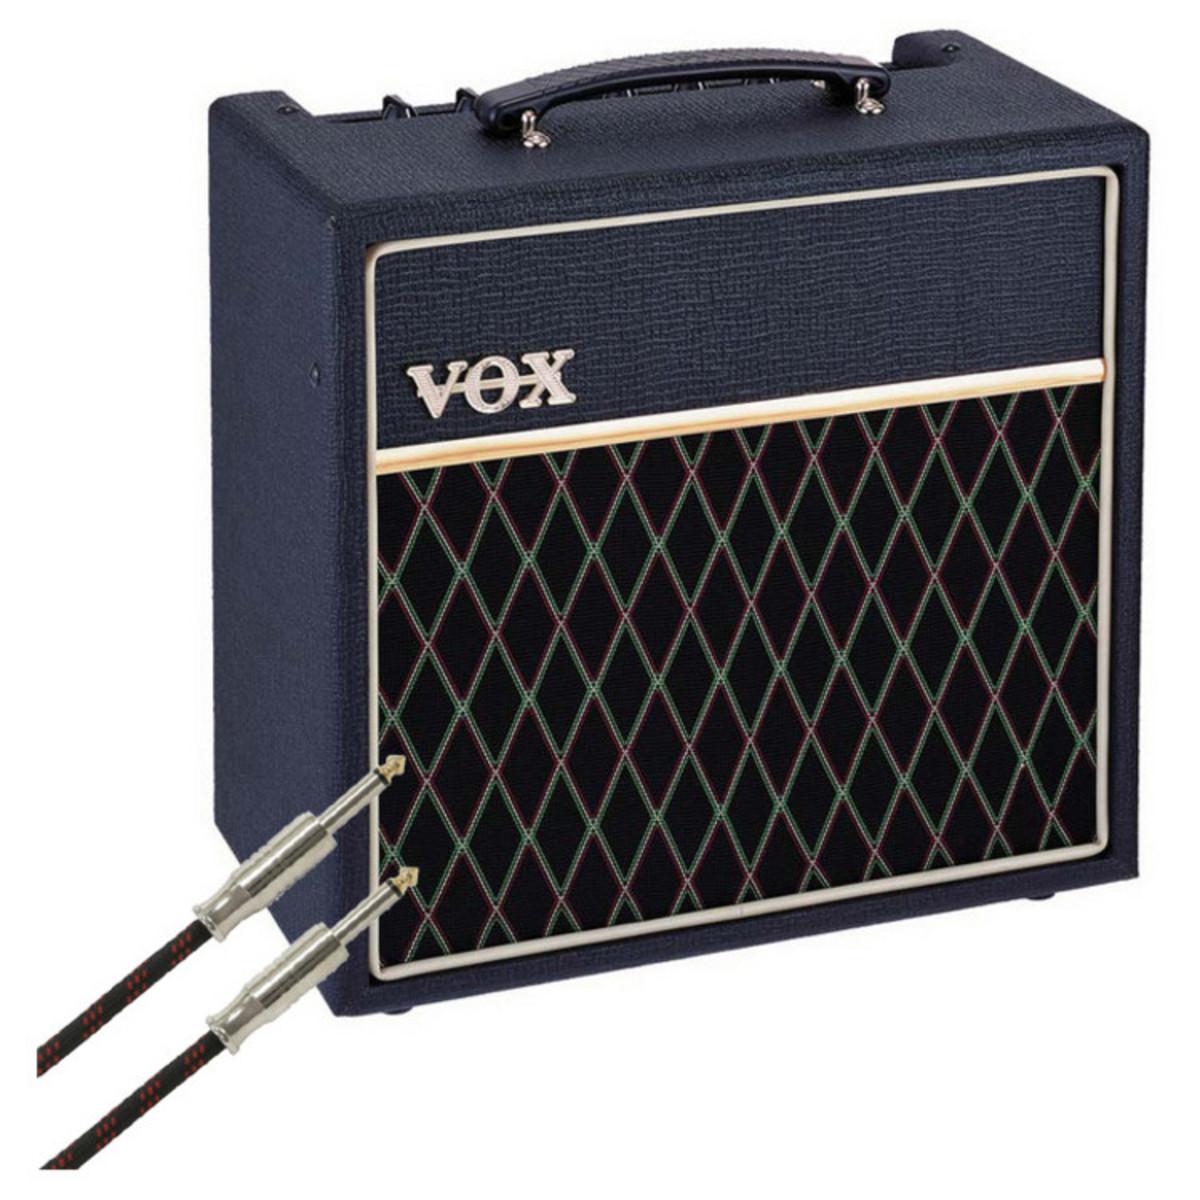 Fuori Prod Vox Pathfinder 15r Amplificatore Per